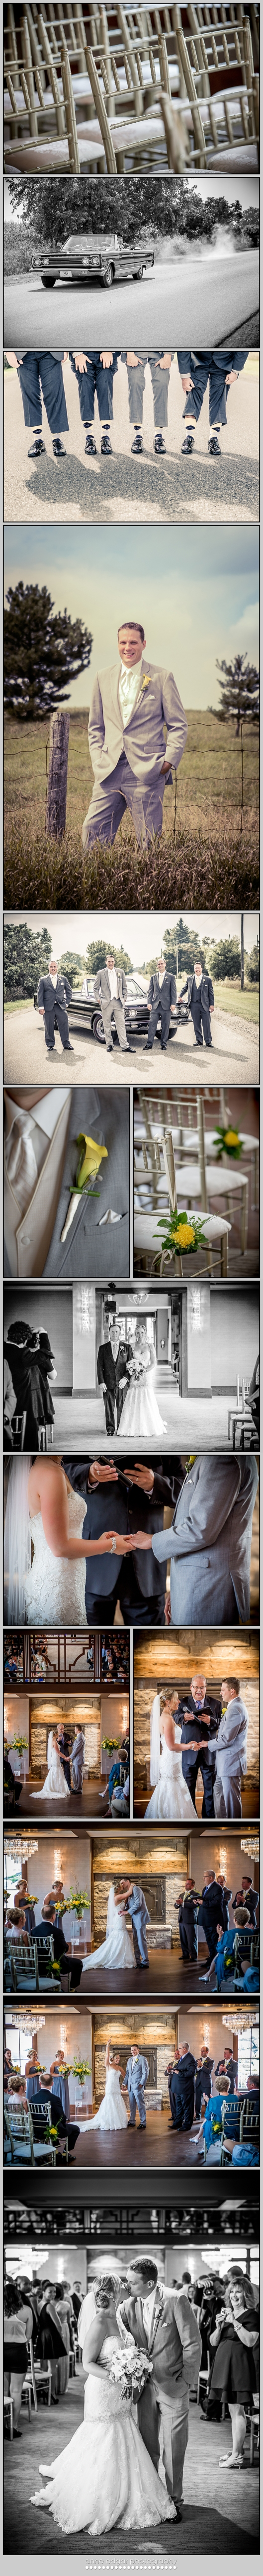 Whistle Bear wedding ceremony, Cambridge, Ontario